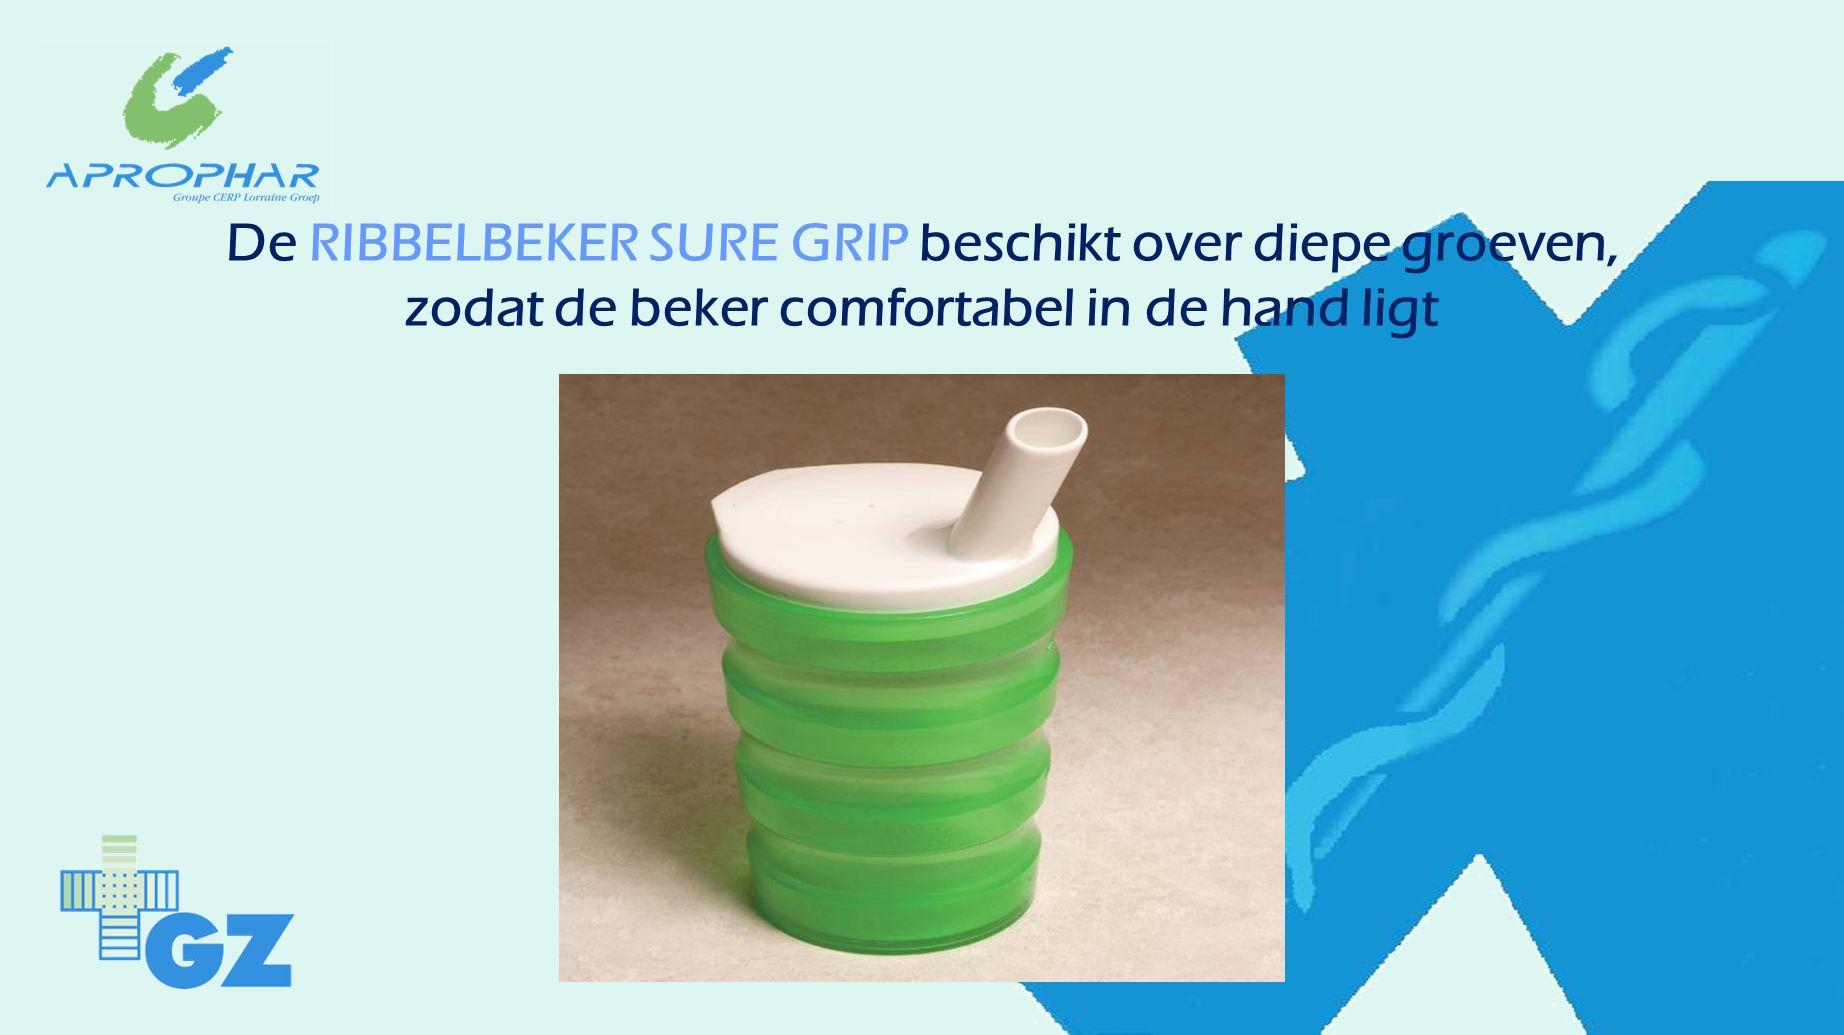 De RIBBELBEKER SURE GRIP beschikt over diepe groeven, zodat de beker comfortabel in de hand ligt